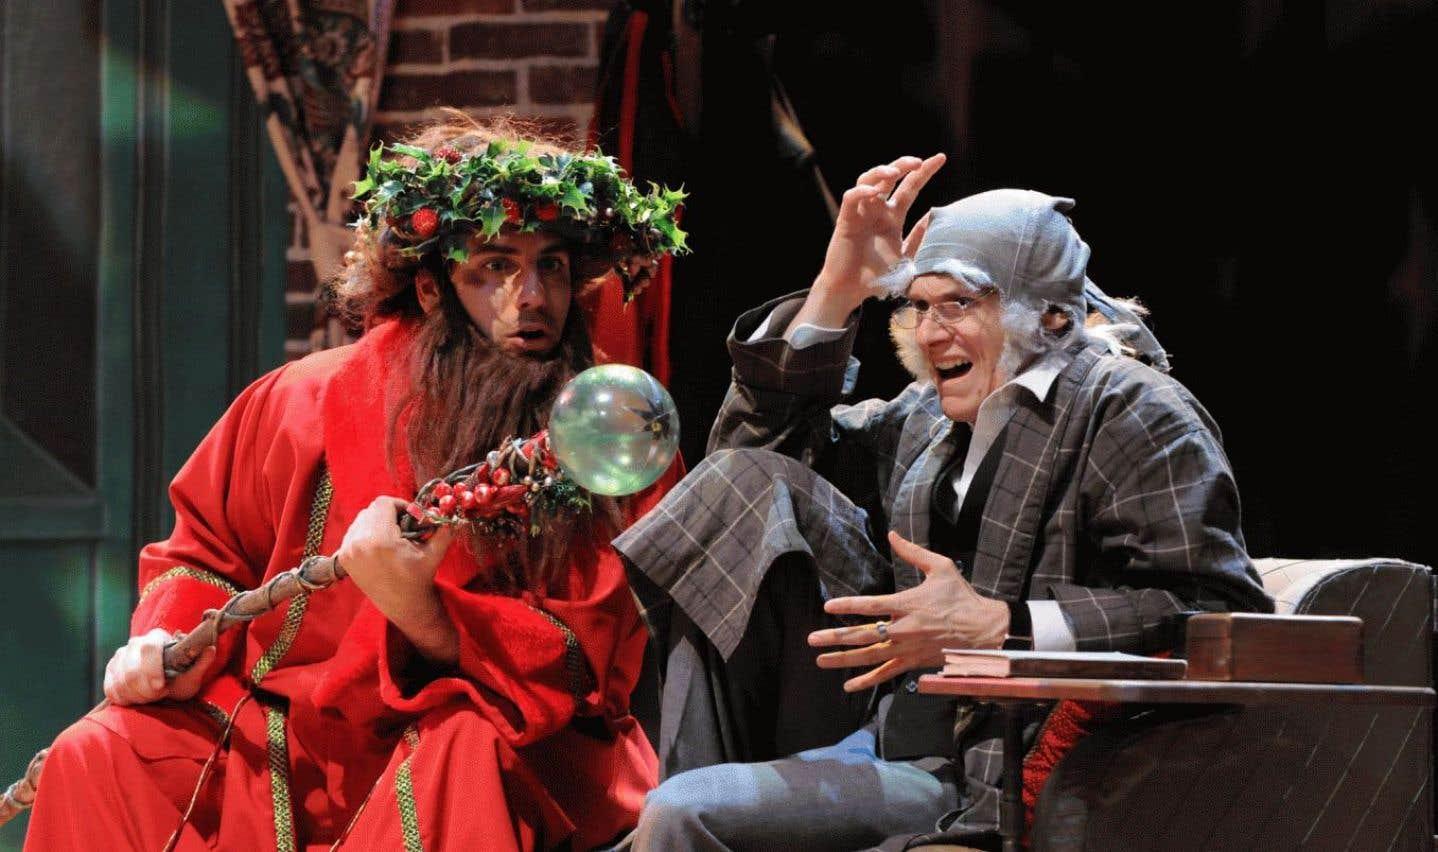 Inspiré de l'histoire de Charles Dickens et présenté par Jeunesses musicales Canada, «Un conte de Noël» narre les aventures de M. Scrooge, un vieux grincheux qui déteste Noël.